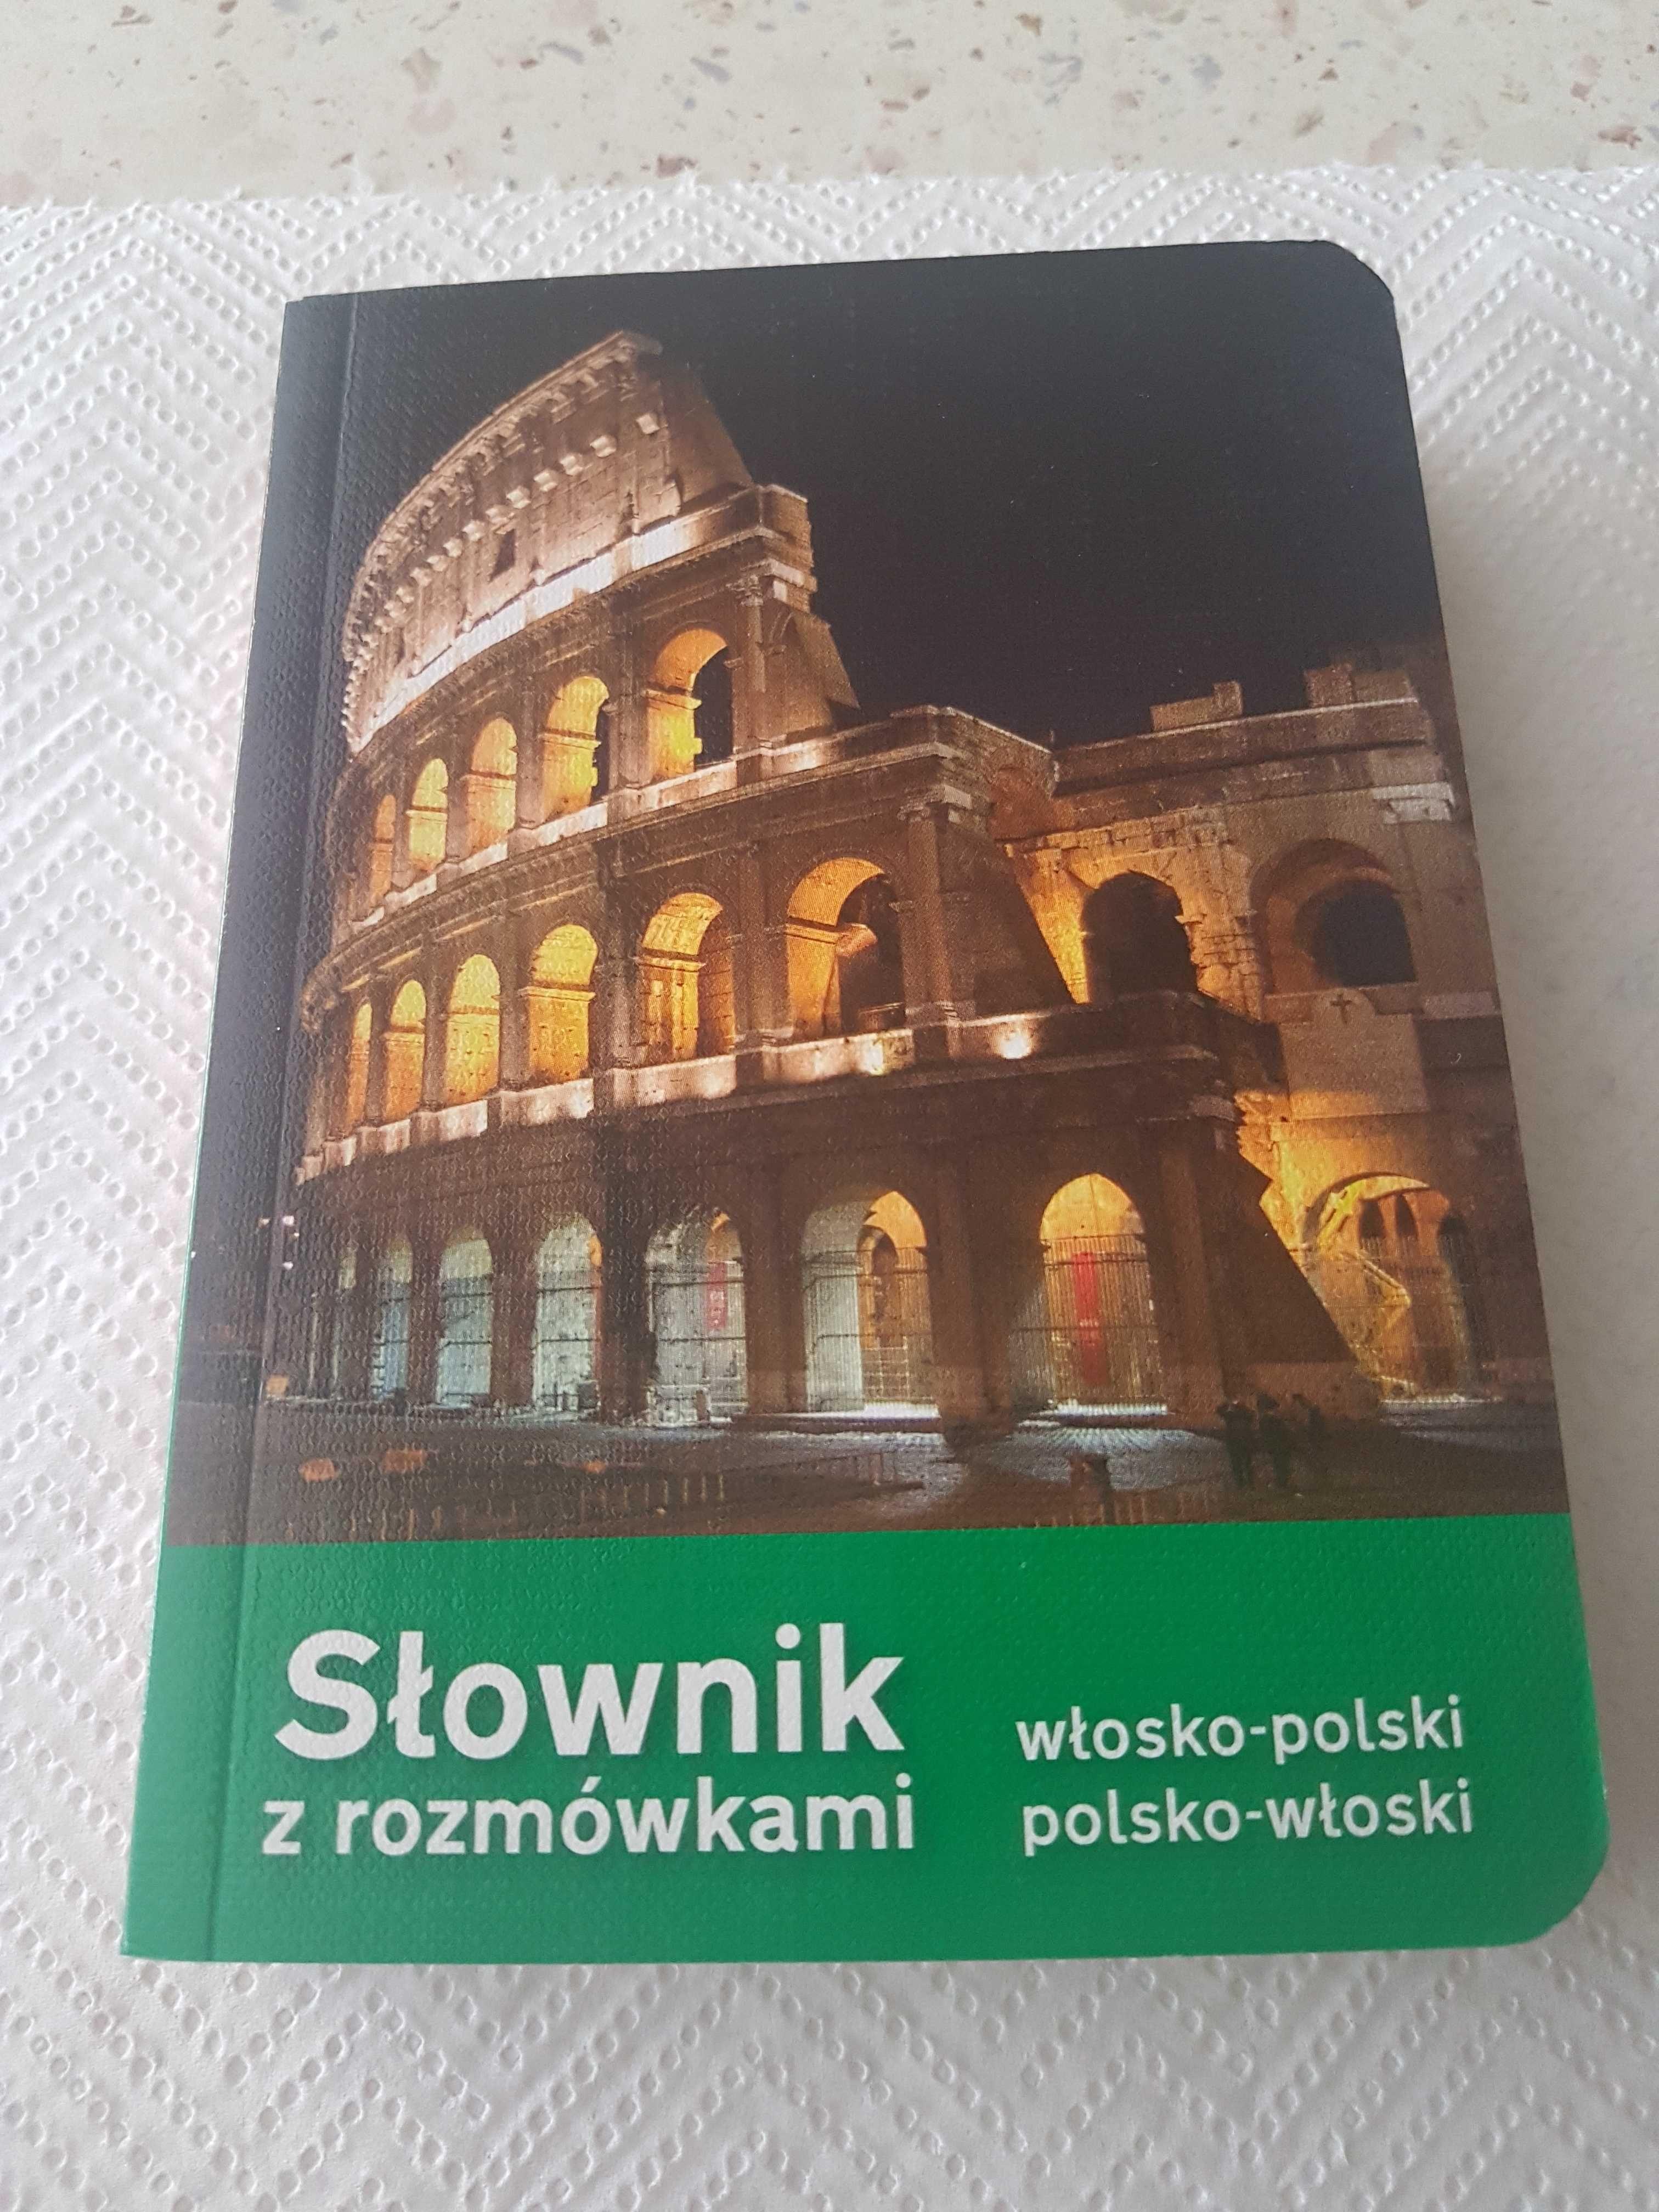 Słownik z rozmówkami włosko-polski i polsko-włoski.